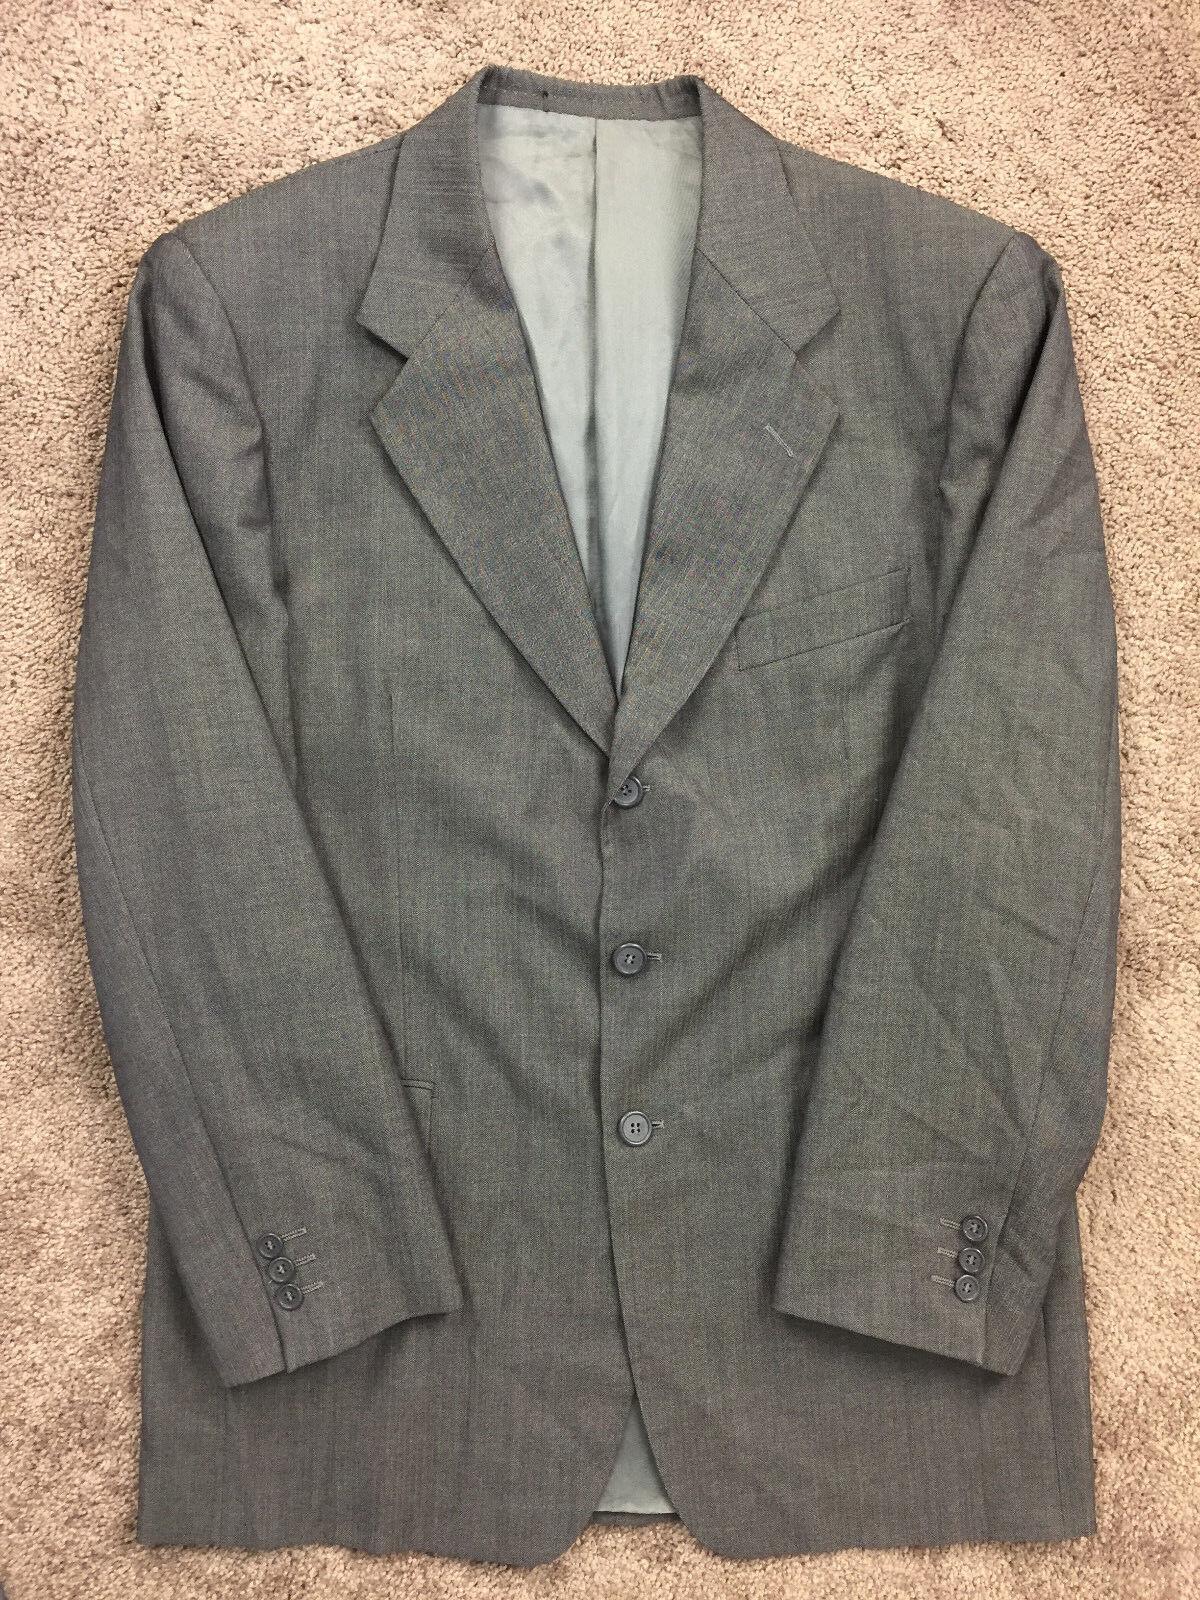 Emanuel Ungaro 100% wool 40 R Two Button Suit Excellent 35 waist